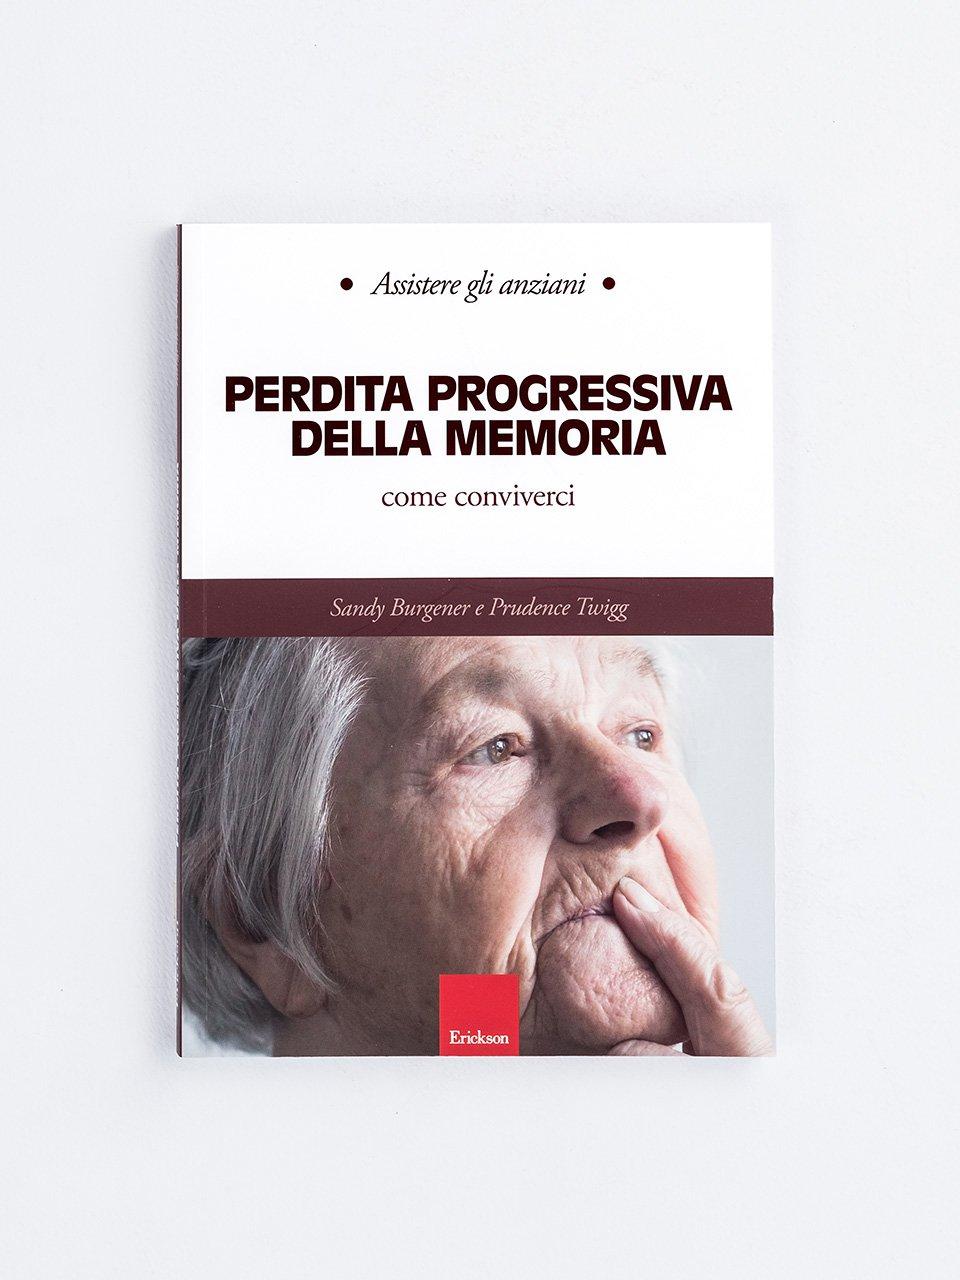 Assistere gli anziani - PERDITA PROGRESSIVA DELLA MEMORIA - Tablotto (6-8 anni) - Giochi - Erickson